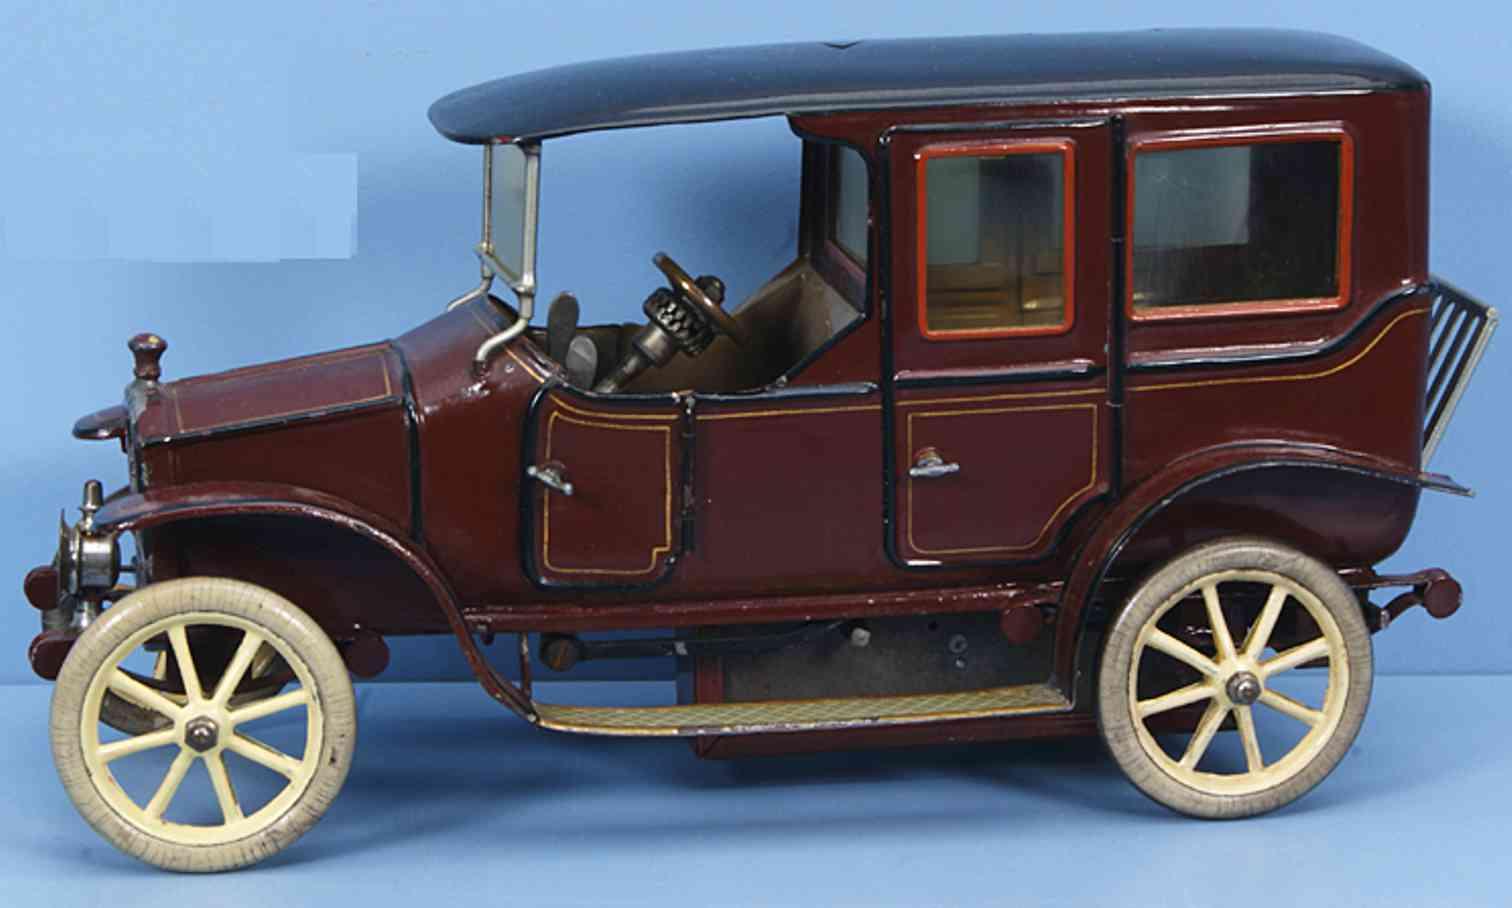 maerklin 5215/1 blech spielzeug auto limousine mit uhrwerk braun schwarz